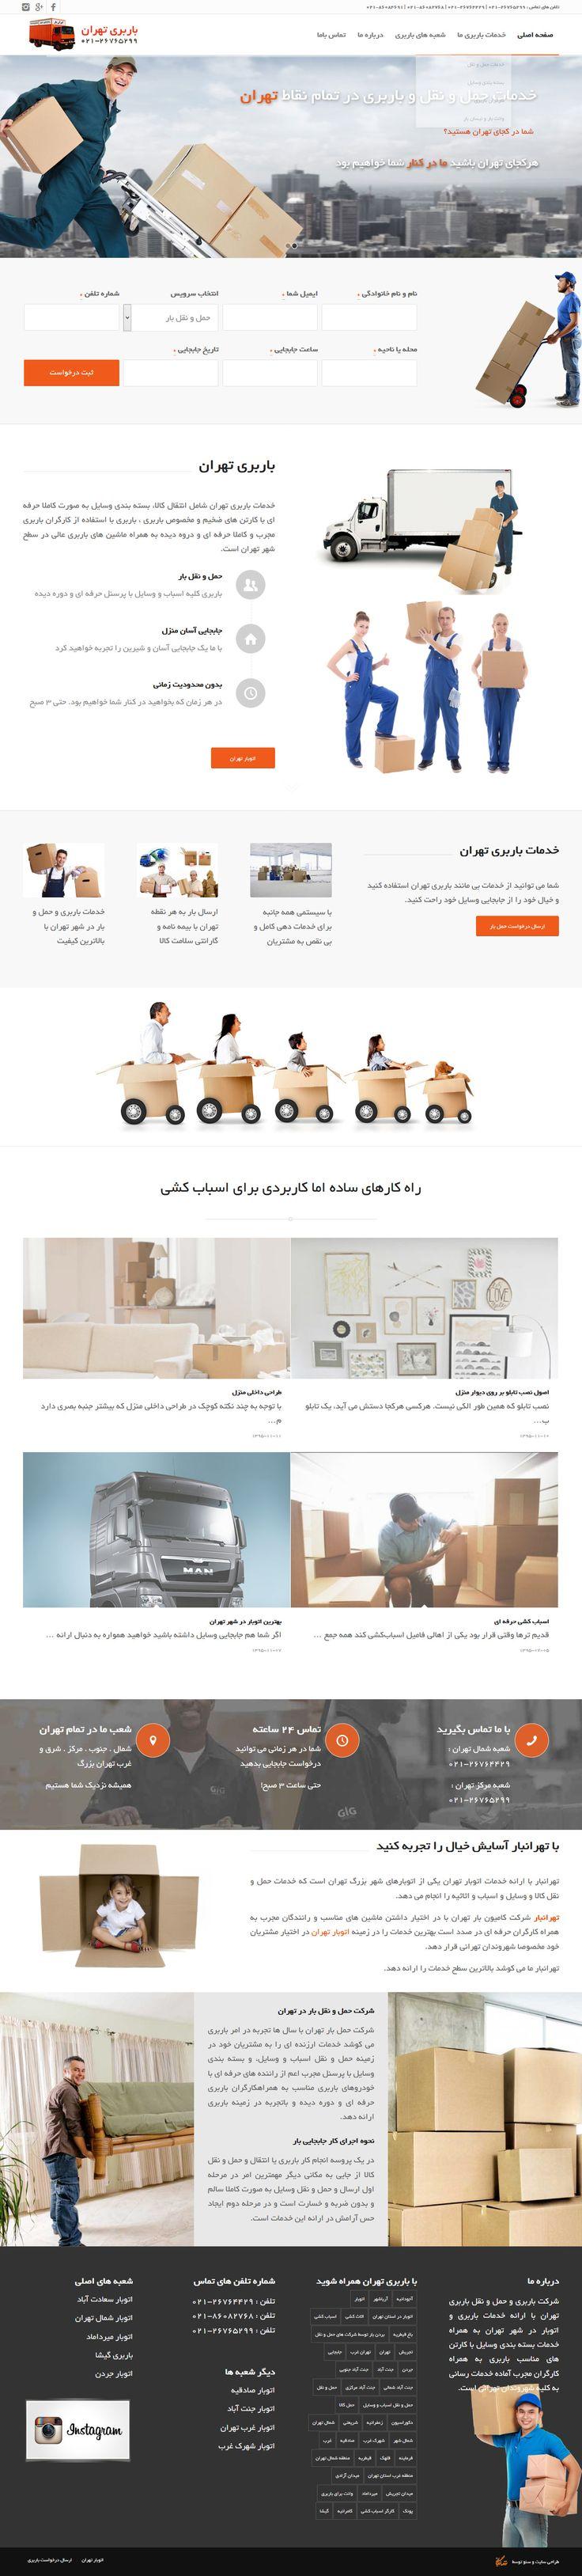 طراحی سایت باربری تهران : http://tehranfreight.net  #webdesign #طراحی_سایت